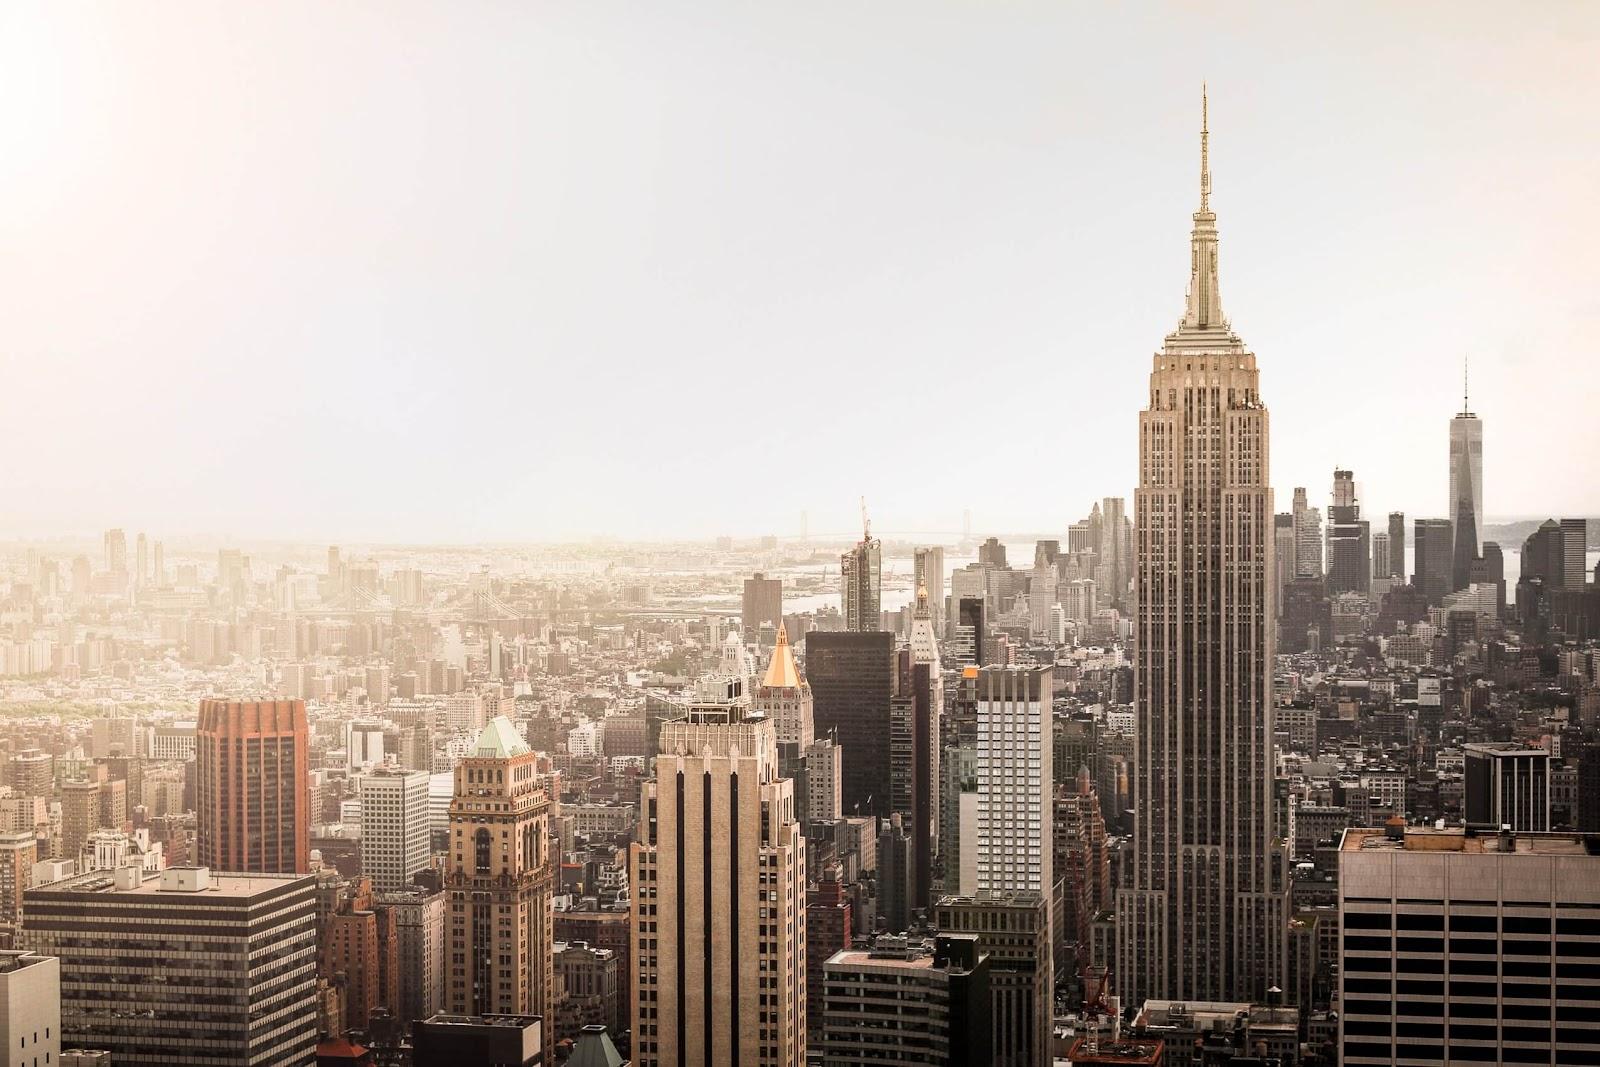 randki online Nowy Jork za darmo darmowa aplikacja randkowa oaza